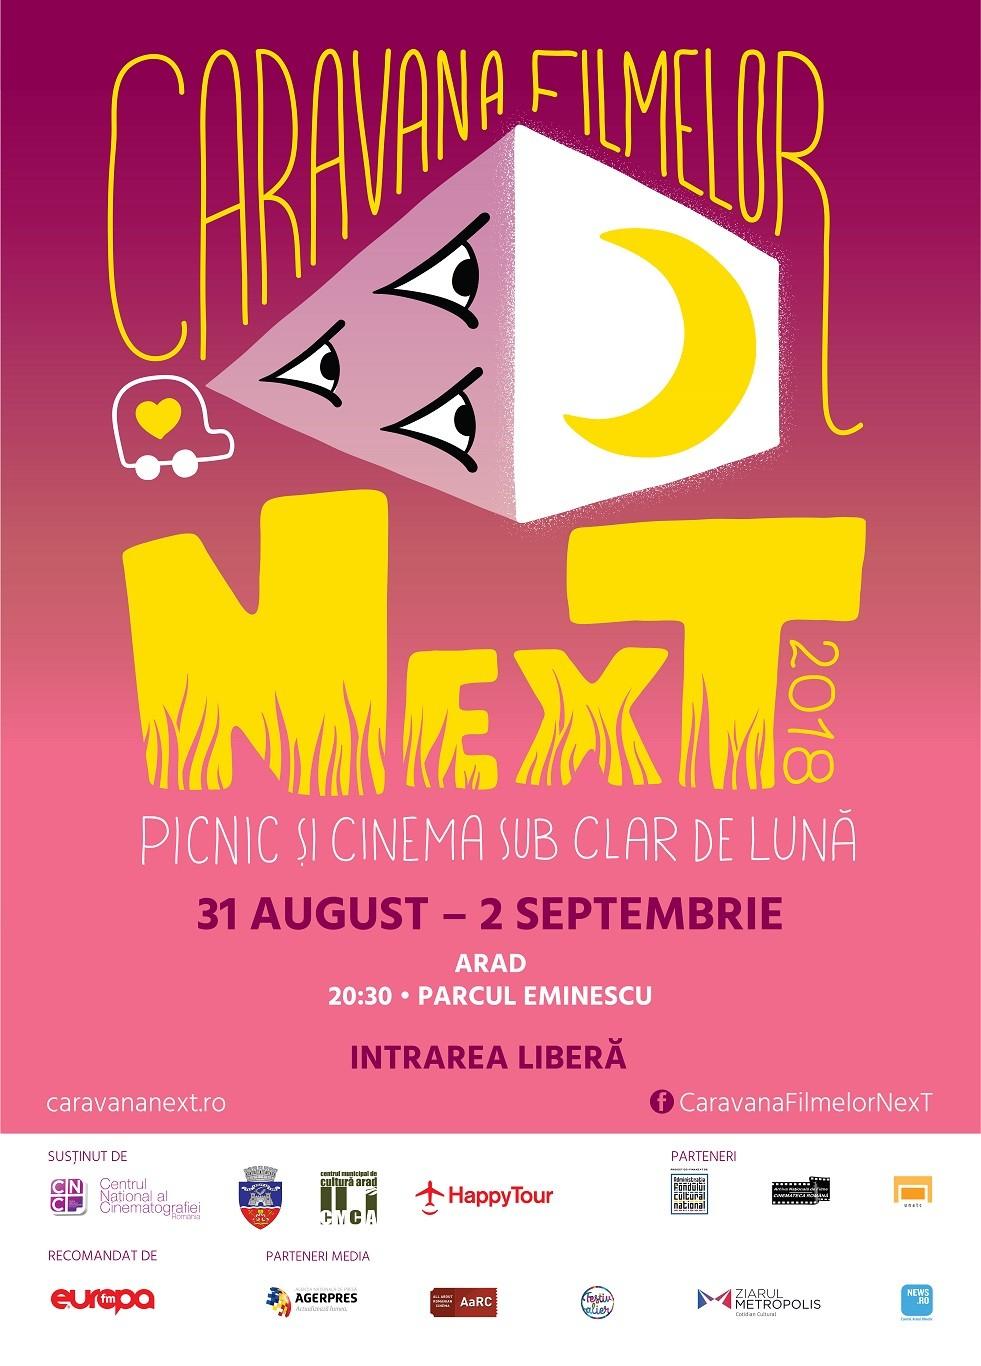 Caravana Filmelor NexT revine la Arad, în Parcul Eminescu - 3 seri de picnic și scurtmetraje, sub clar de lună